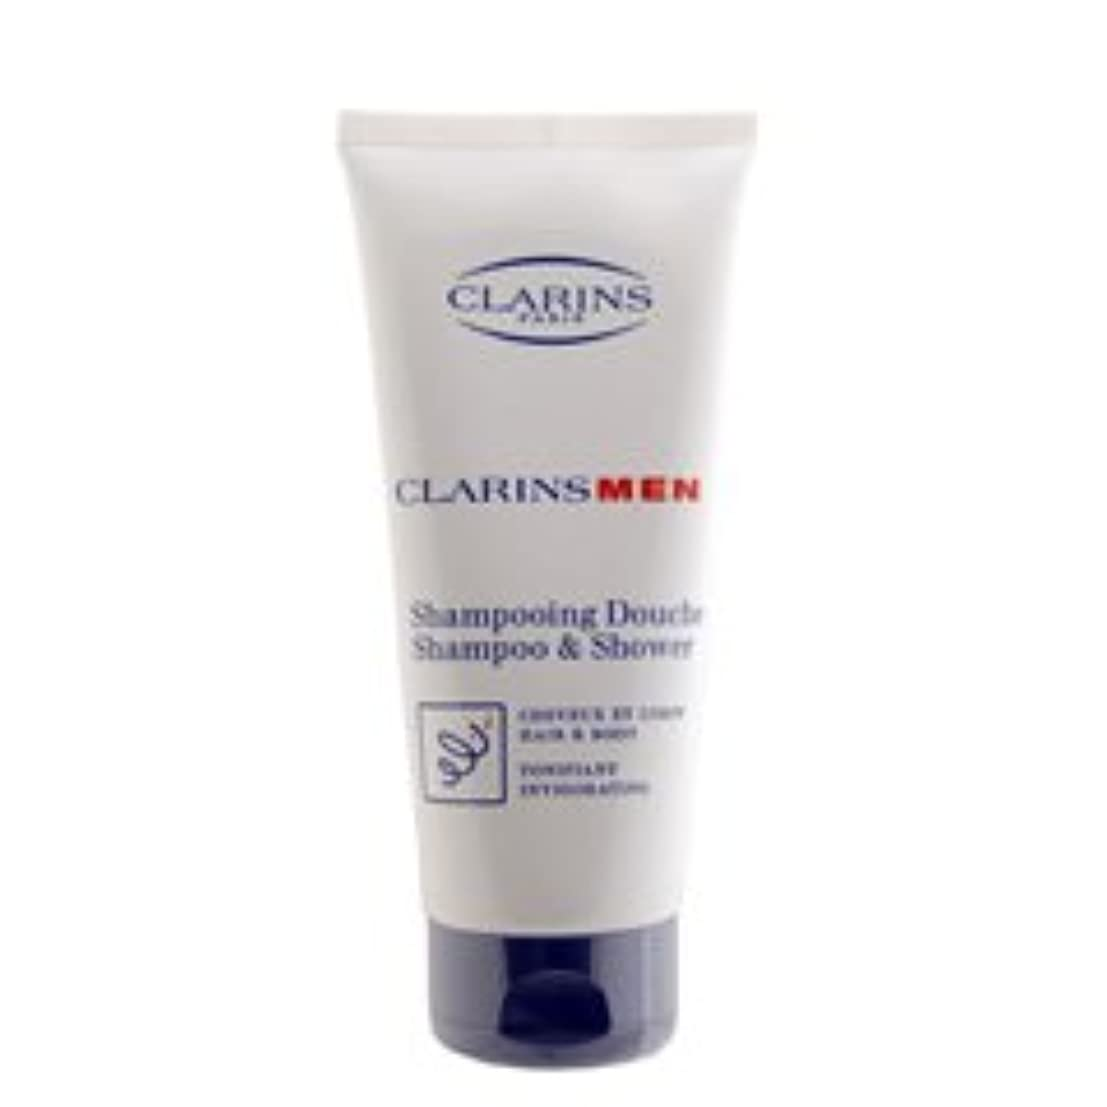 冷ややかなブレス安全クラランス(CLARINS) クラランスメン シャンプー&シャワージェル 200ml [並行輸入品]